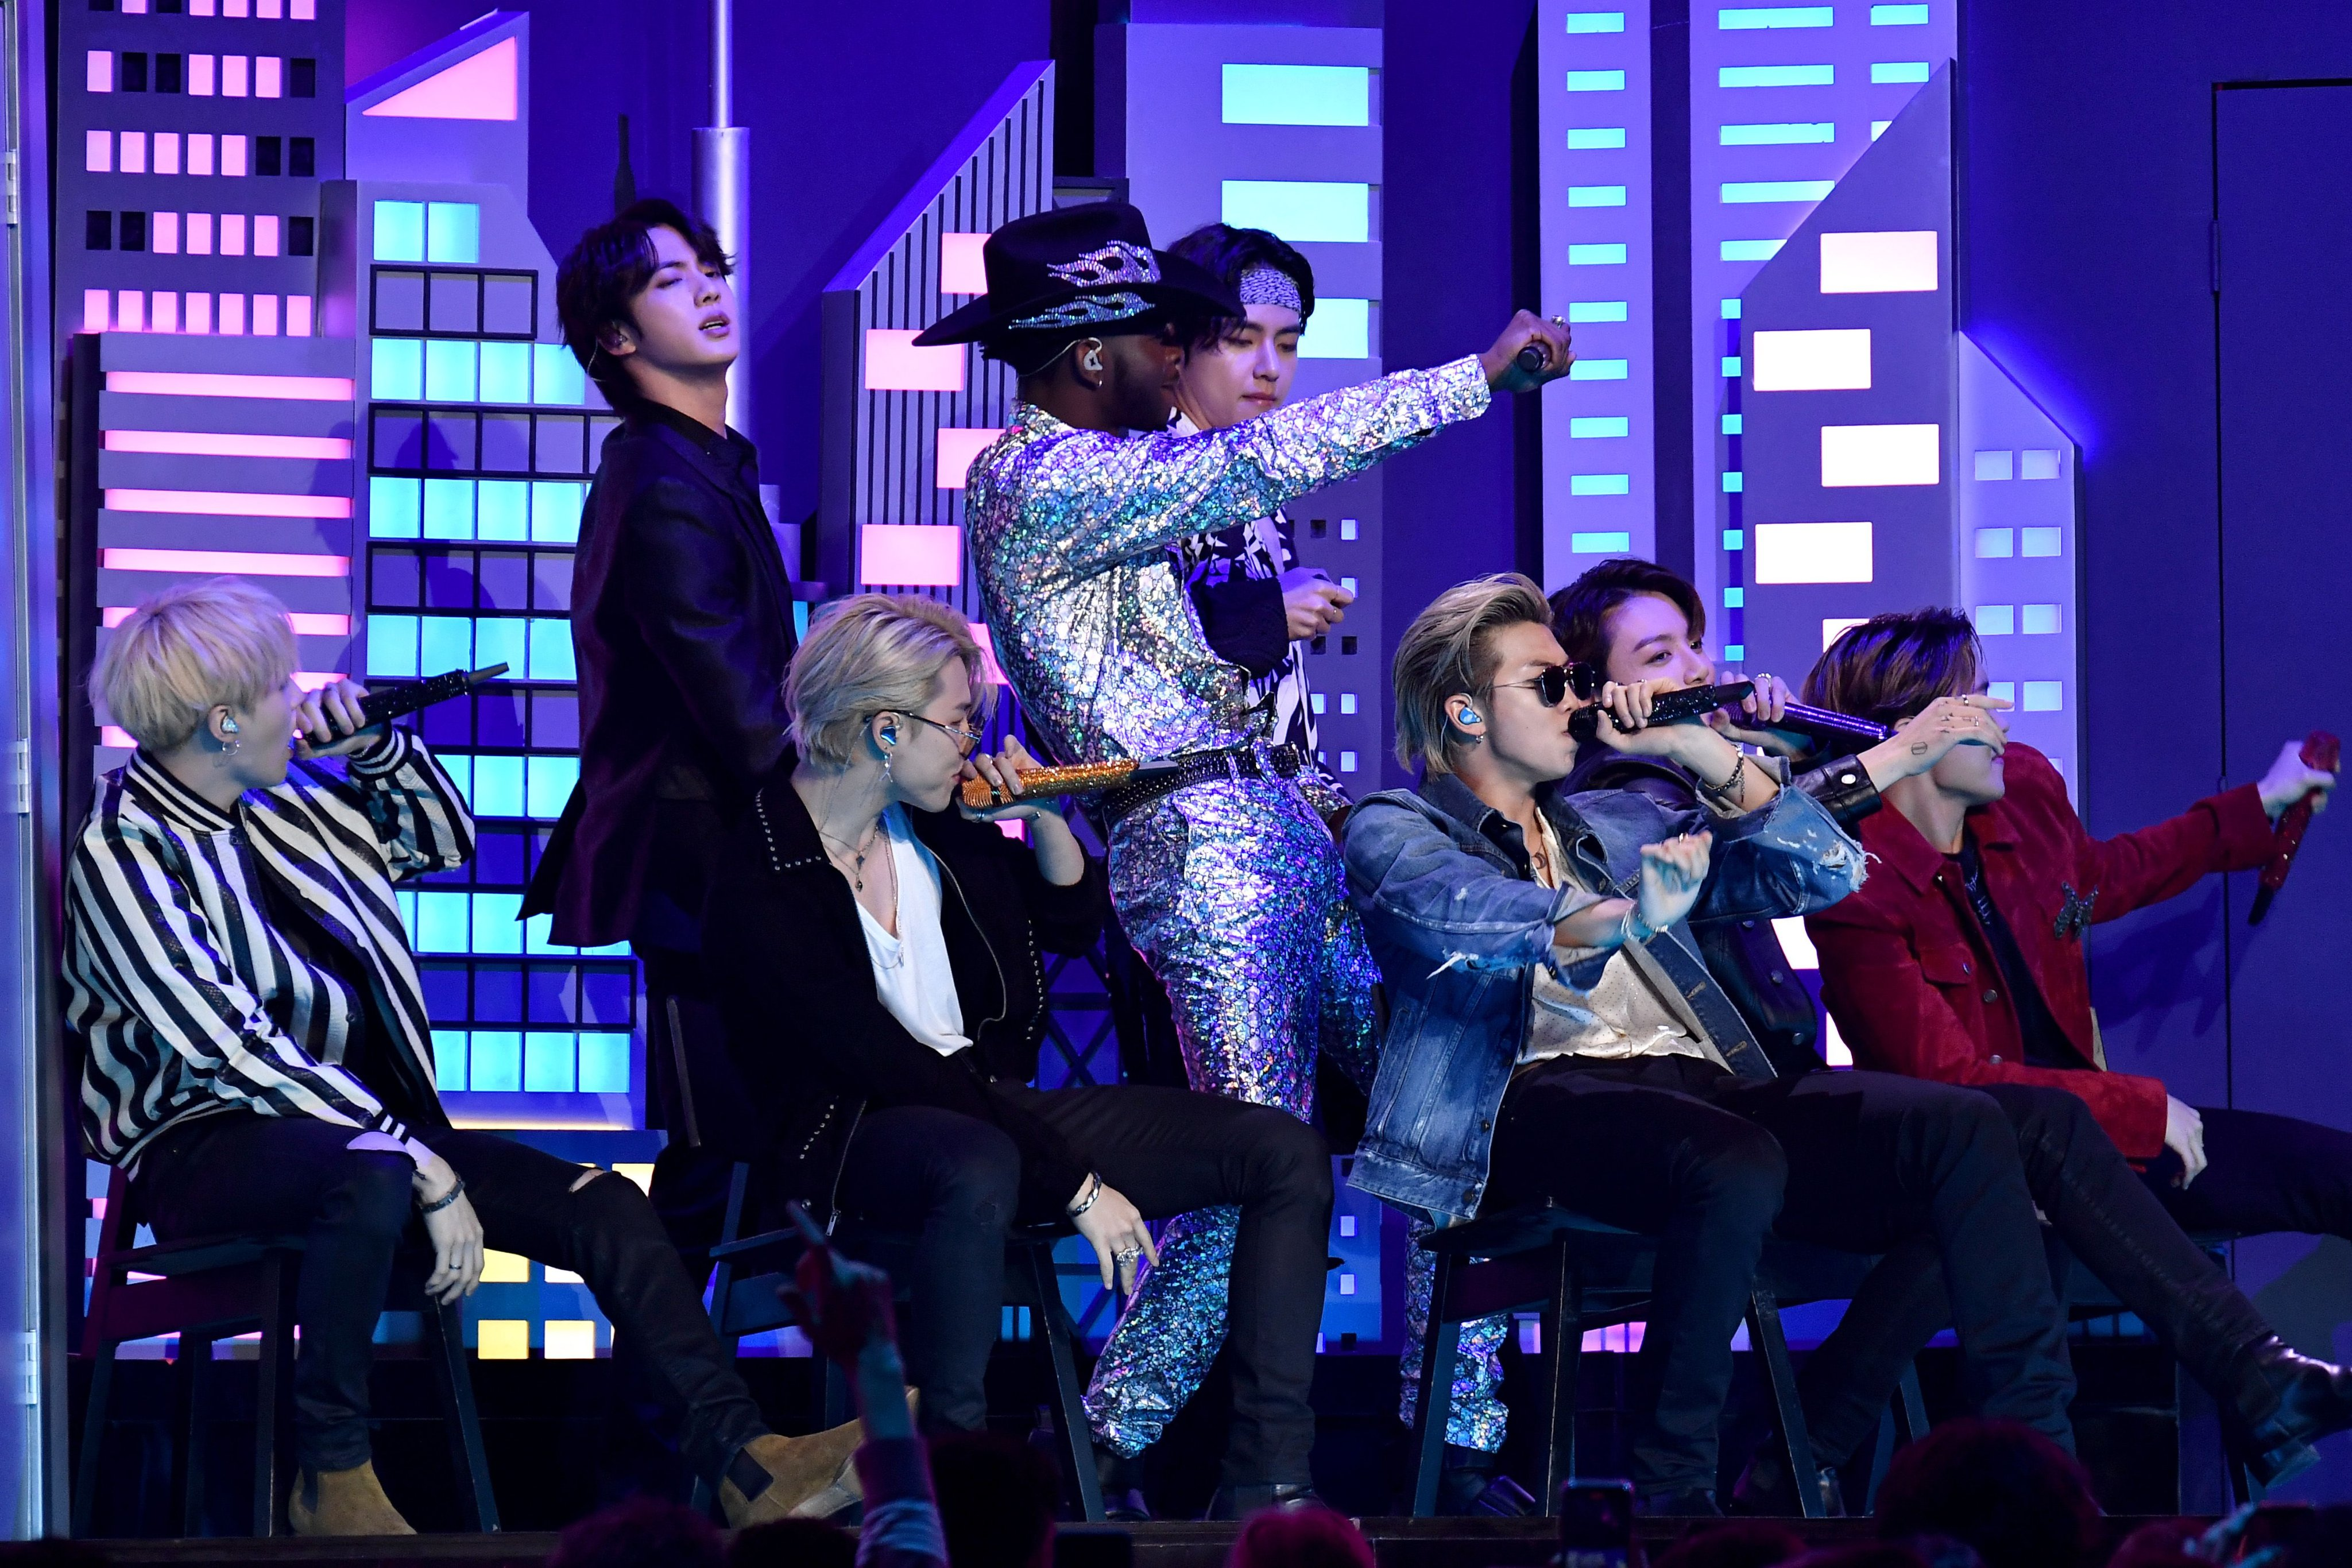 BTS Tampil di Grammy Awards 2020 Sebagai Artis Korea Pertama dalam Sejarah dengan Lagu Old Town Road Bersama Lil Nas X